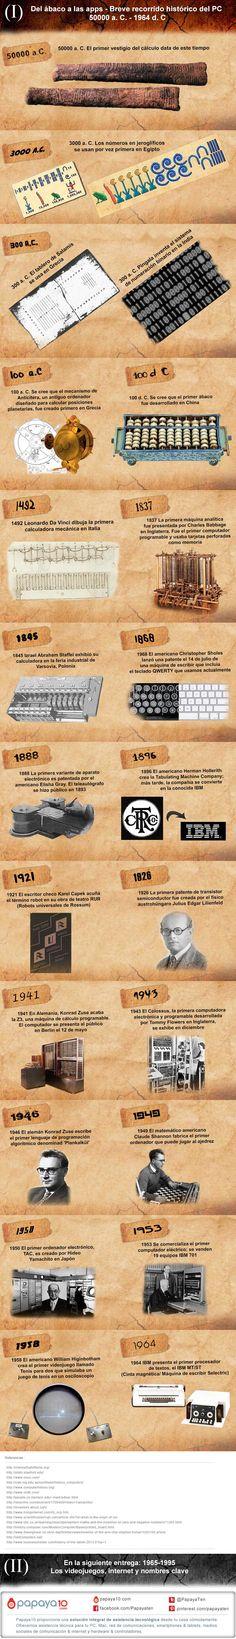 Historia del PC (I): Del ábaco hasta 1964 #infografia